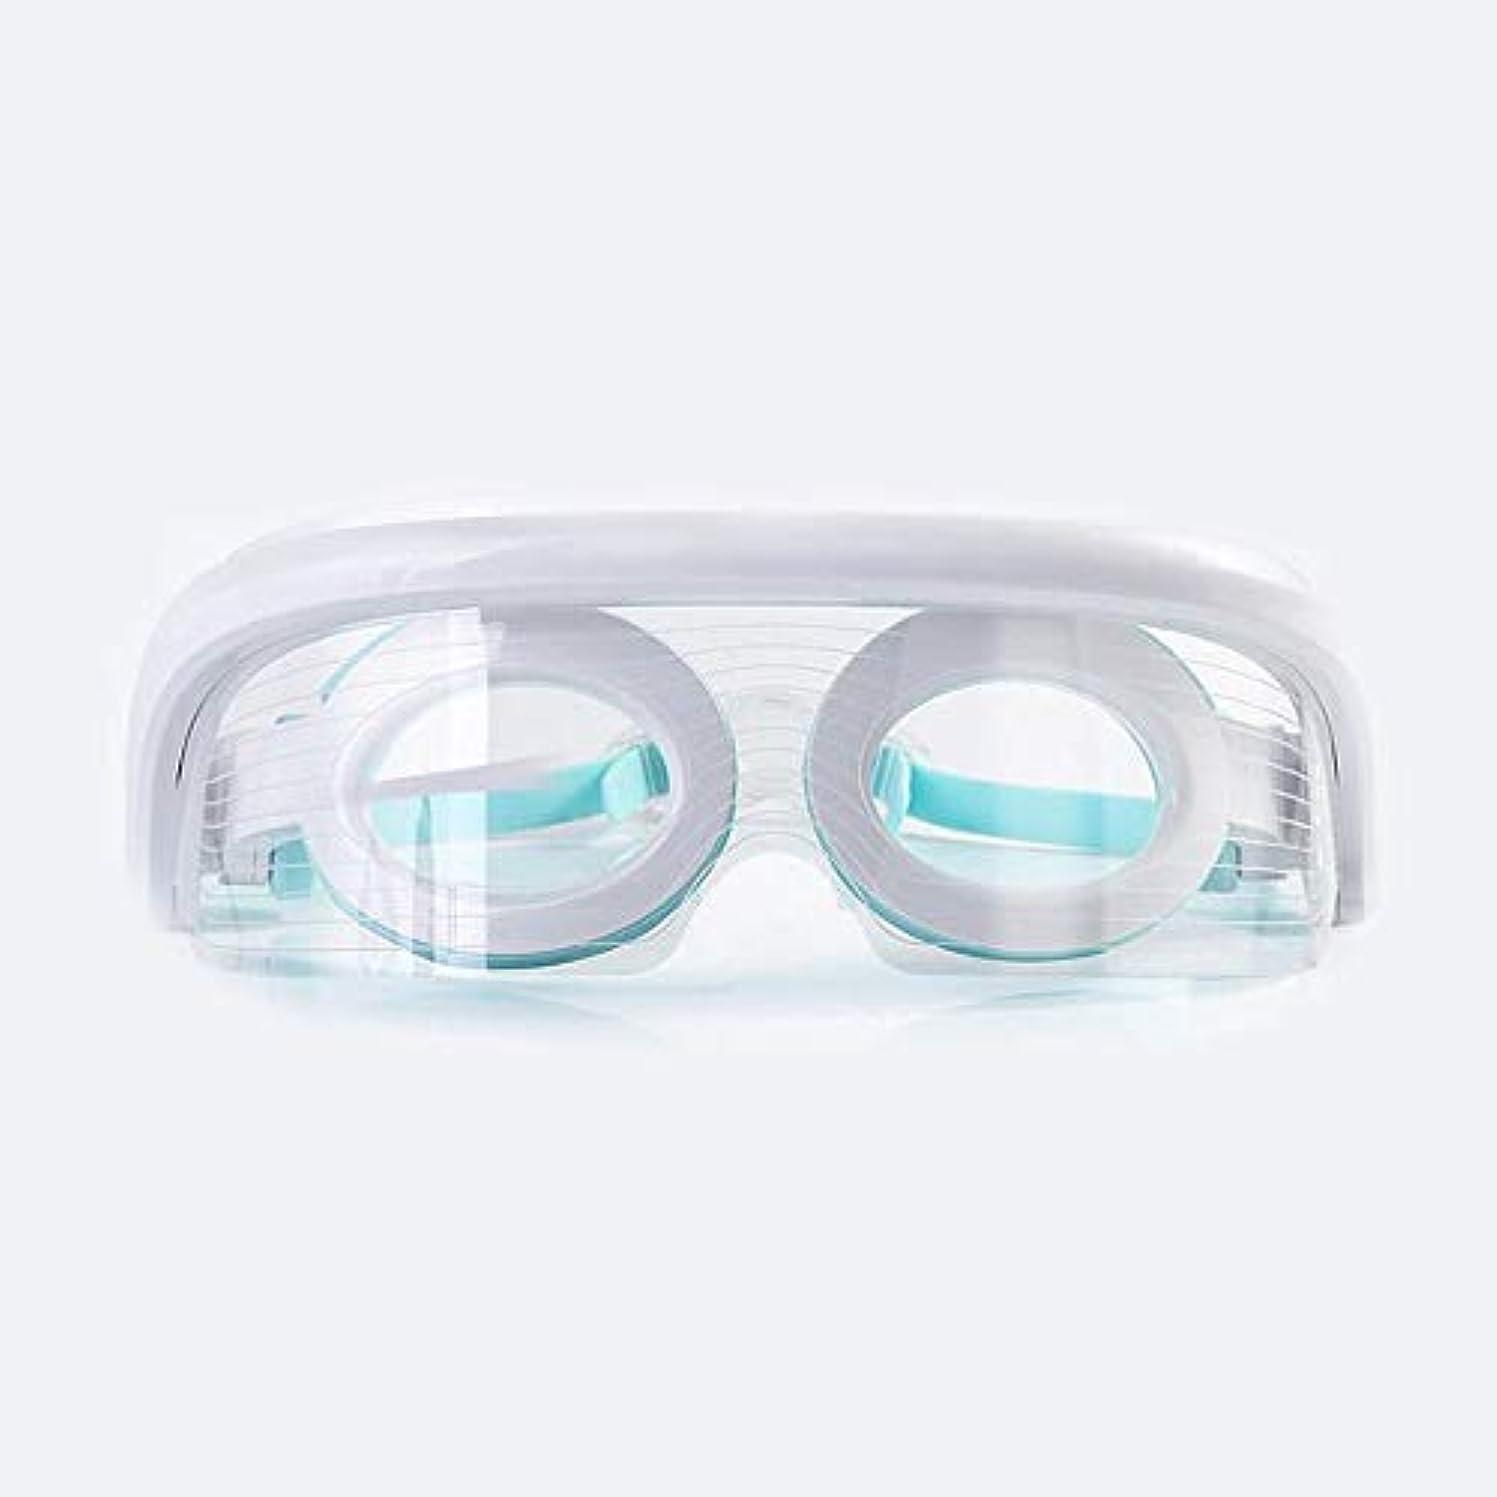 適合フレッシュ詳細にLed 光子美アイマスクマスクアイプロテクターアイマッサージ7色カラーライトアイマスクアイメーター